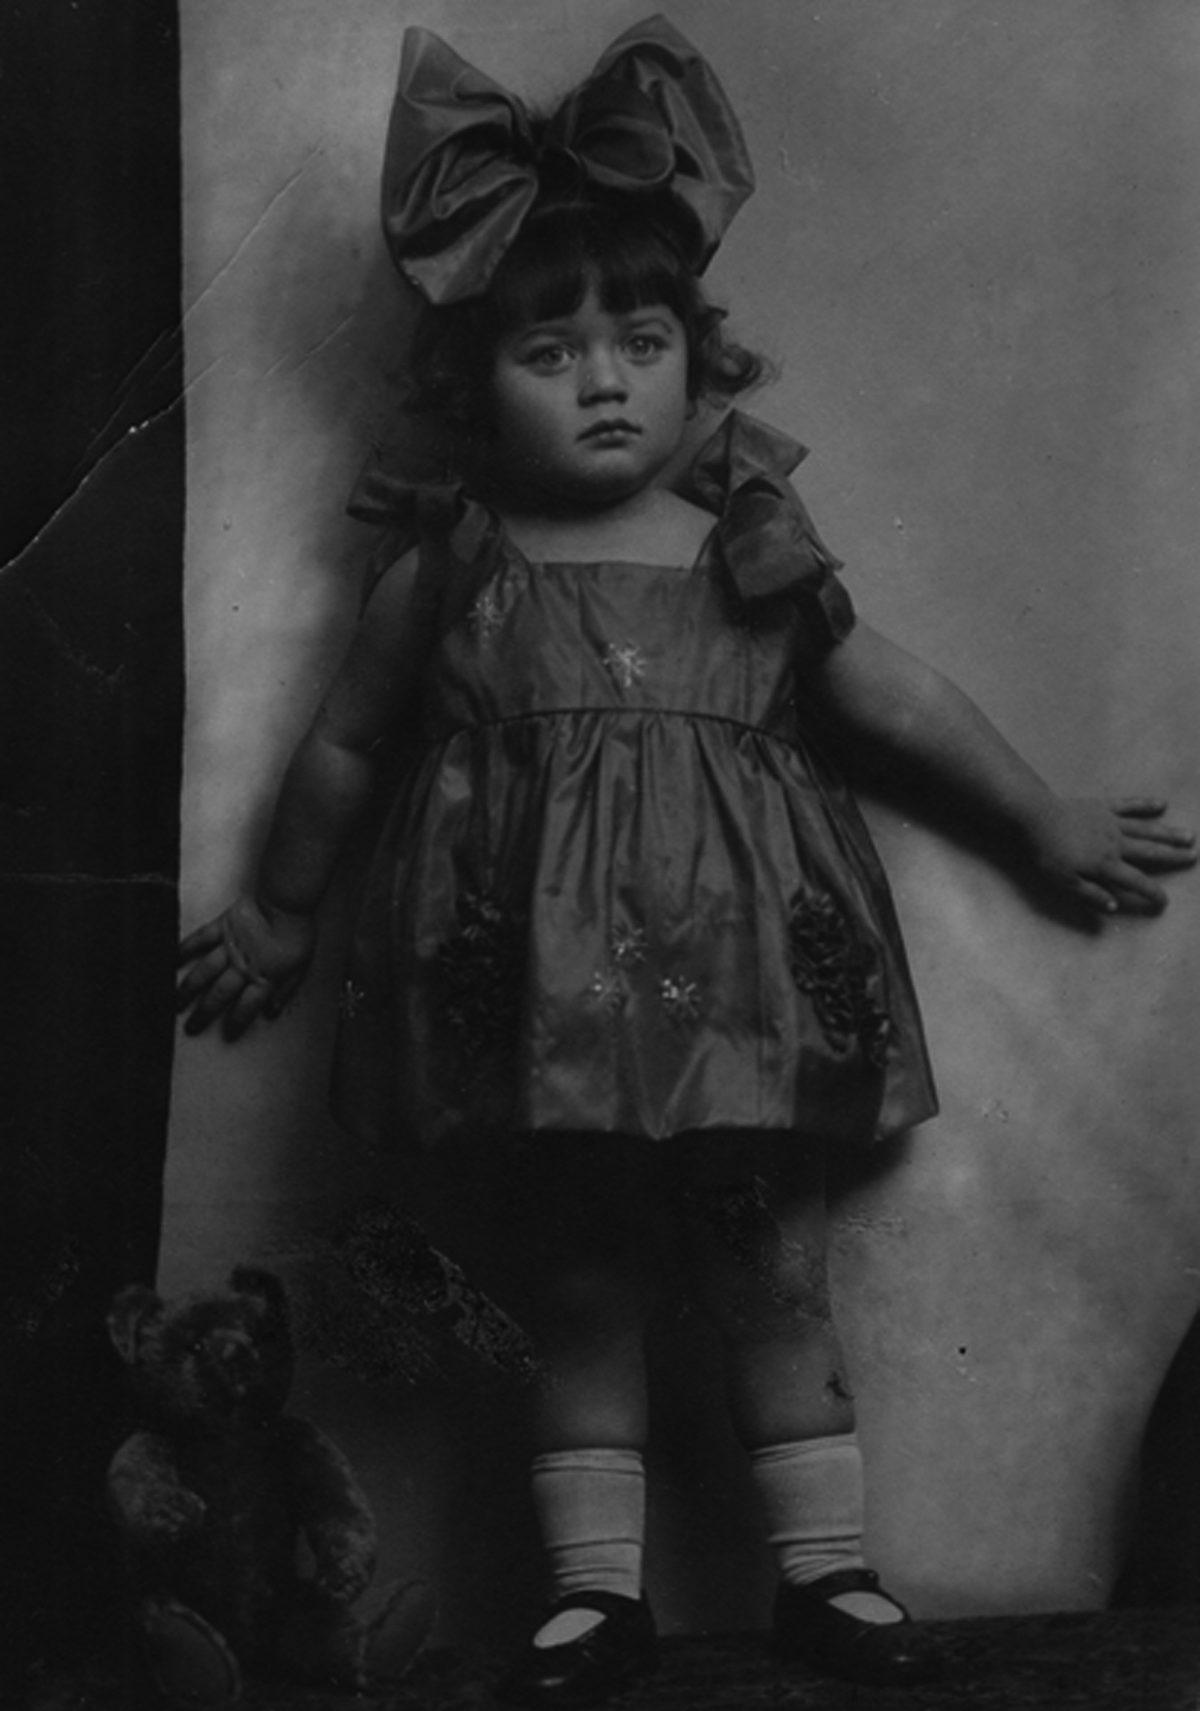 Erika Urbach avec son ourson, Pologne, 1927.